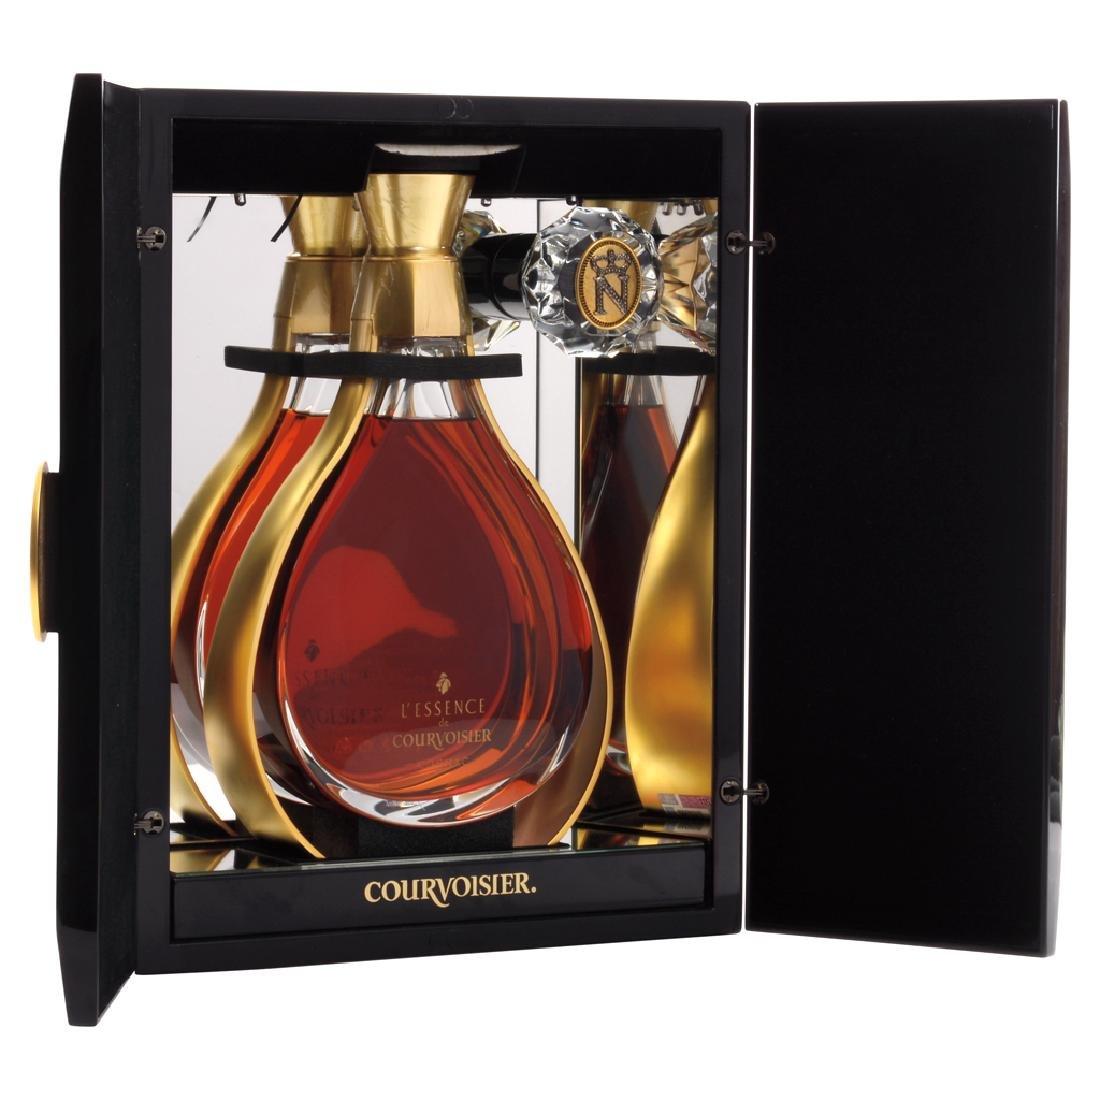 LEssence de Courvoisier. Cognac. 750 ml. Series A6896.